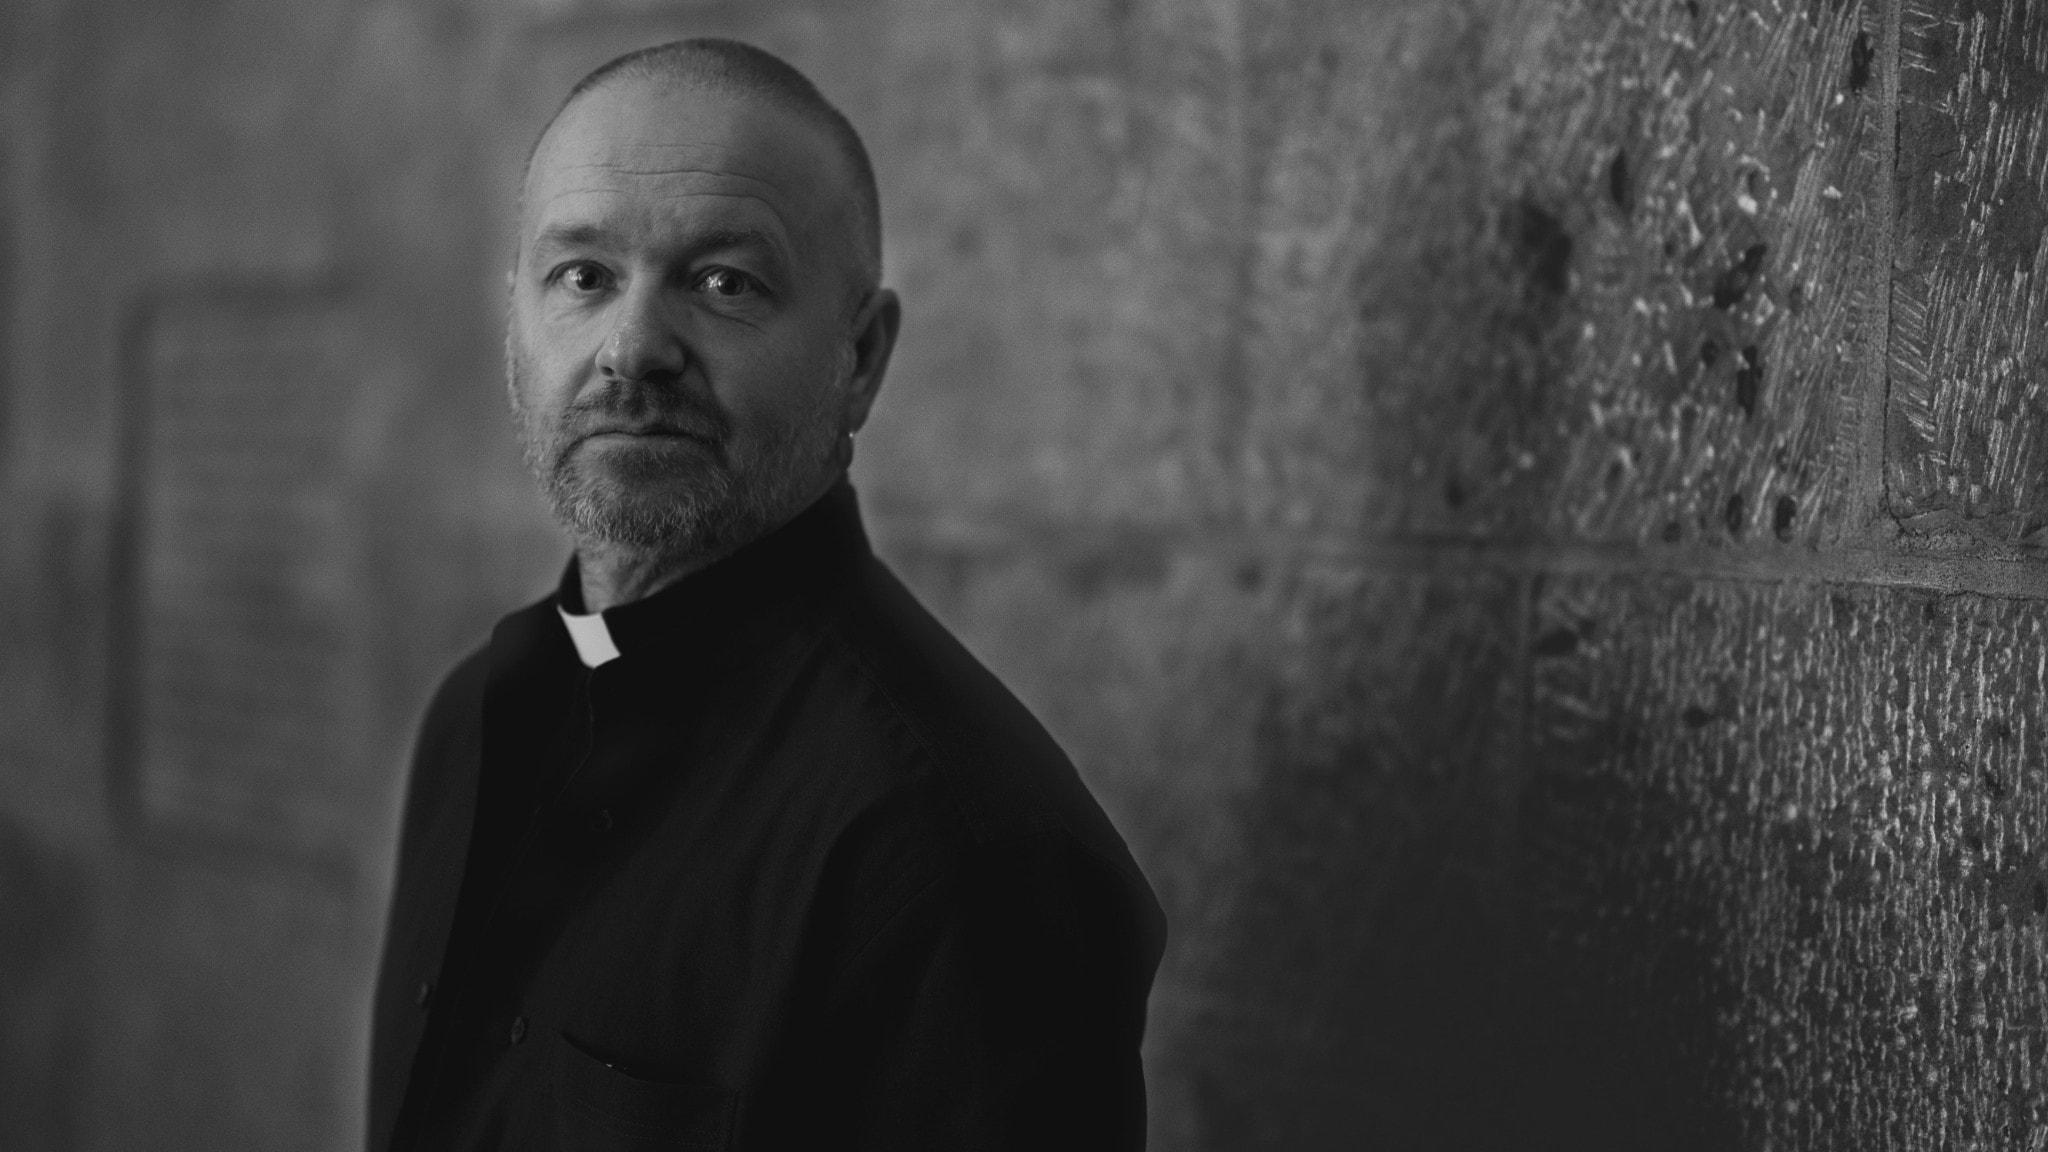 Prästen Kent Wisti